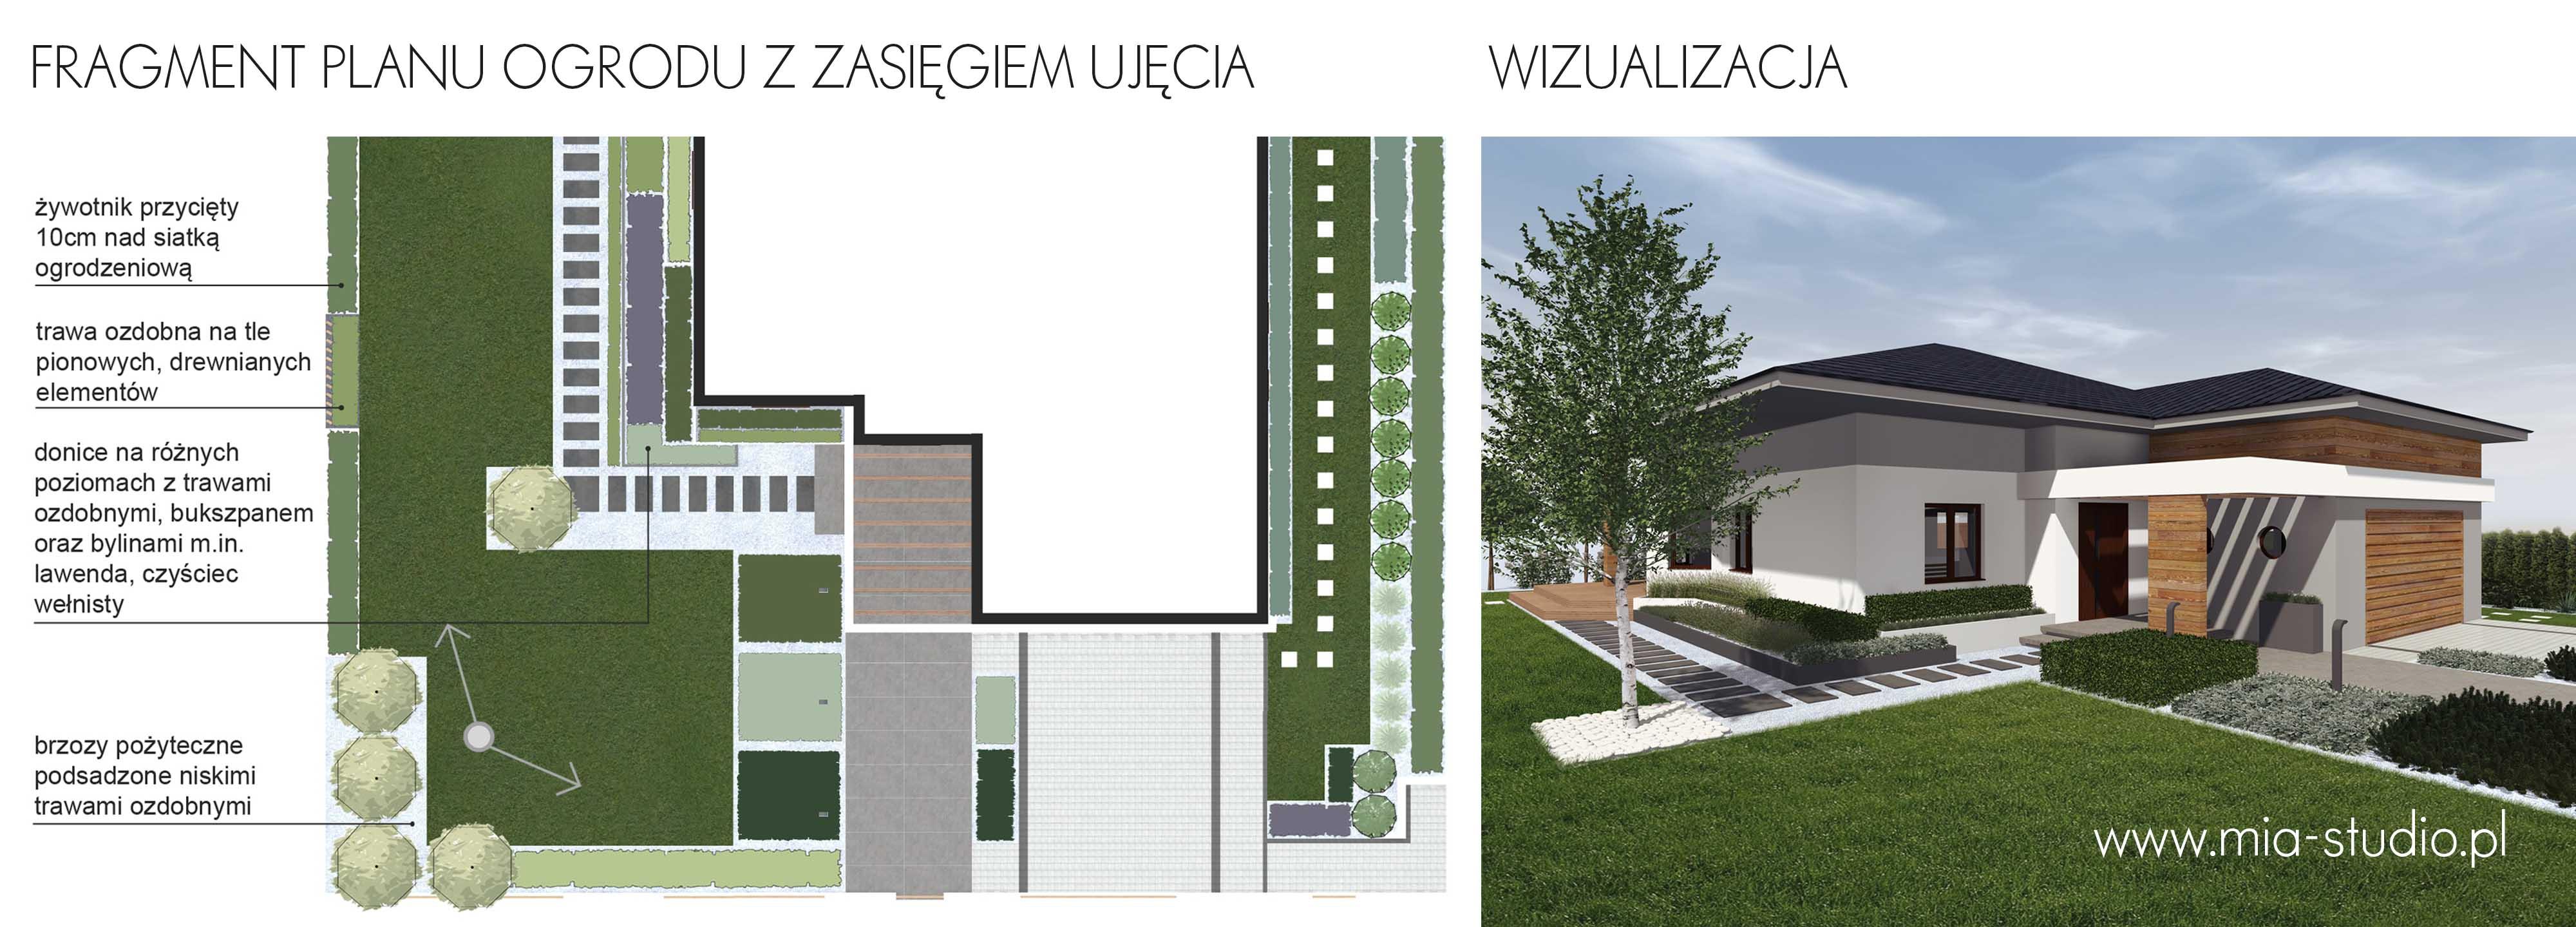 plan ogrodu i wizualizacja